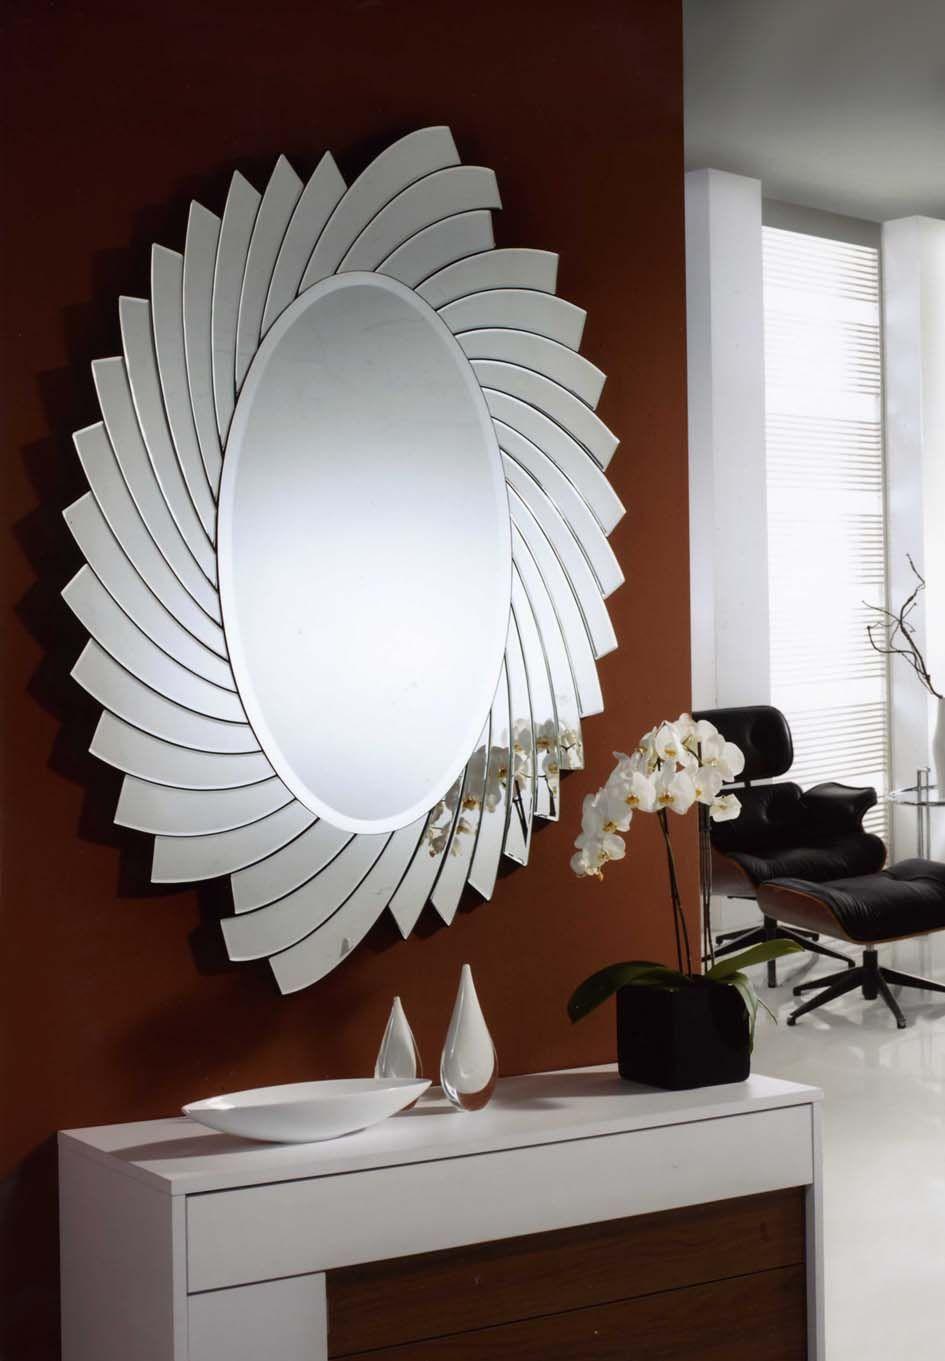 Espejos de cristal modelo helios ovalado decoracion - Decoracion de espejos ...